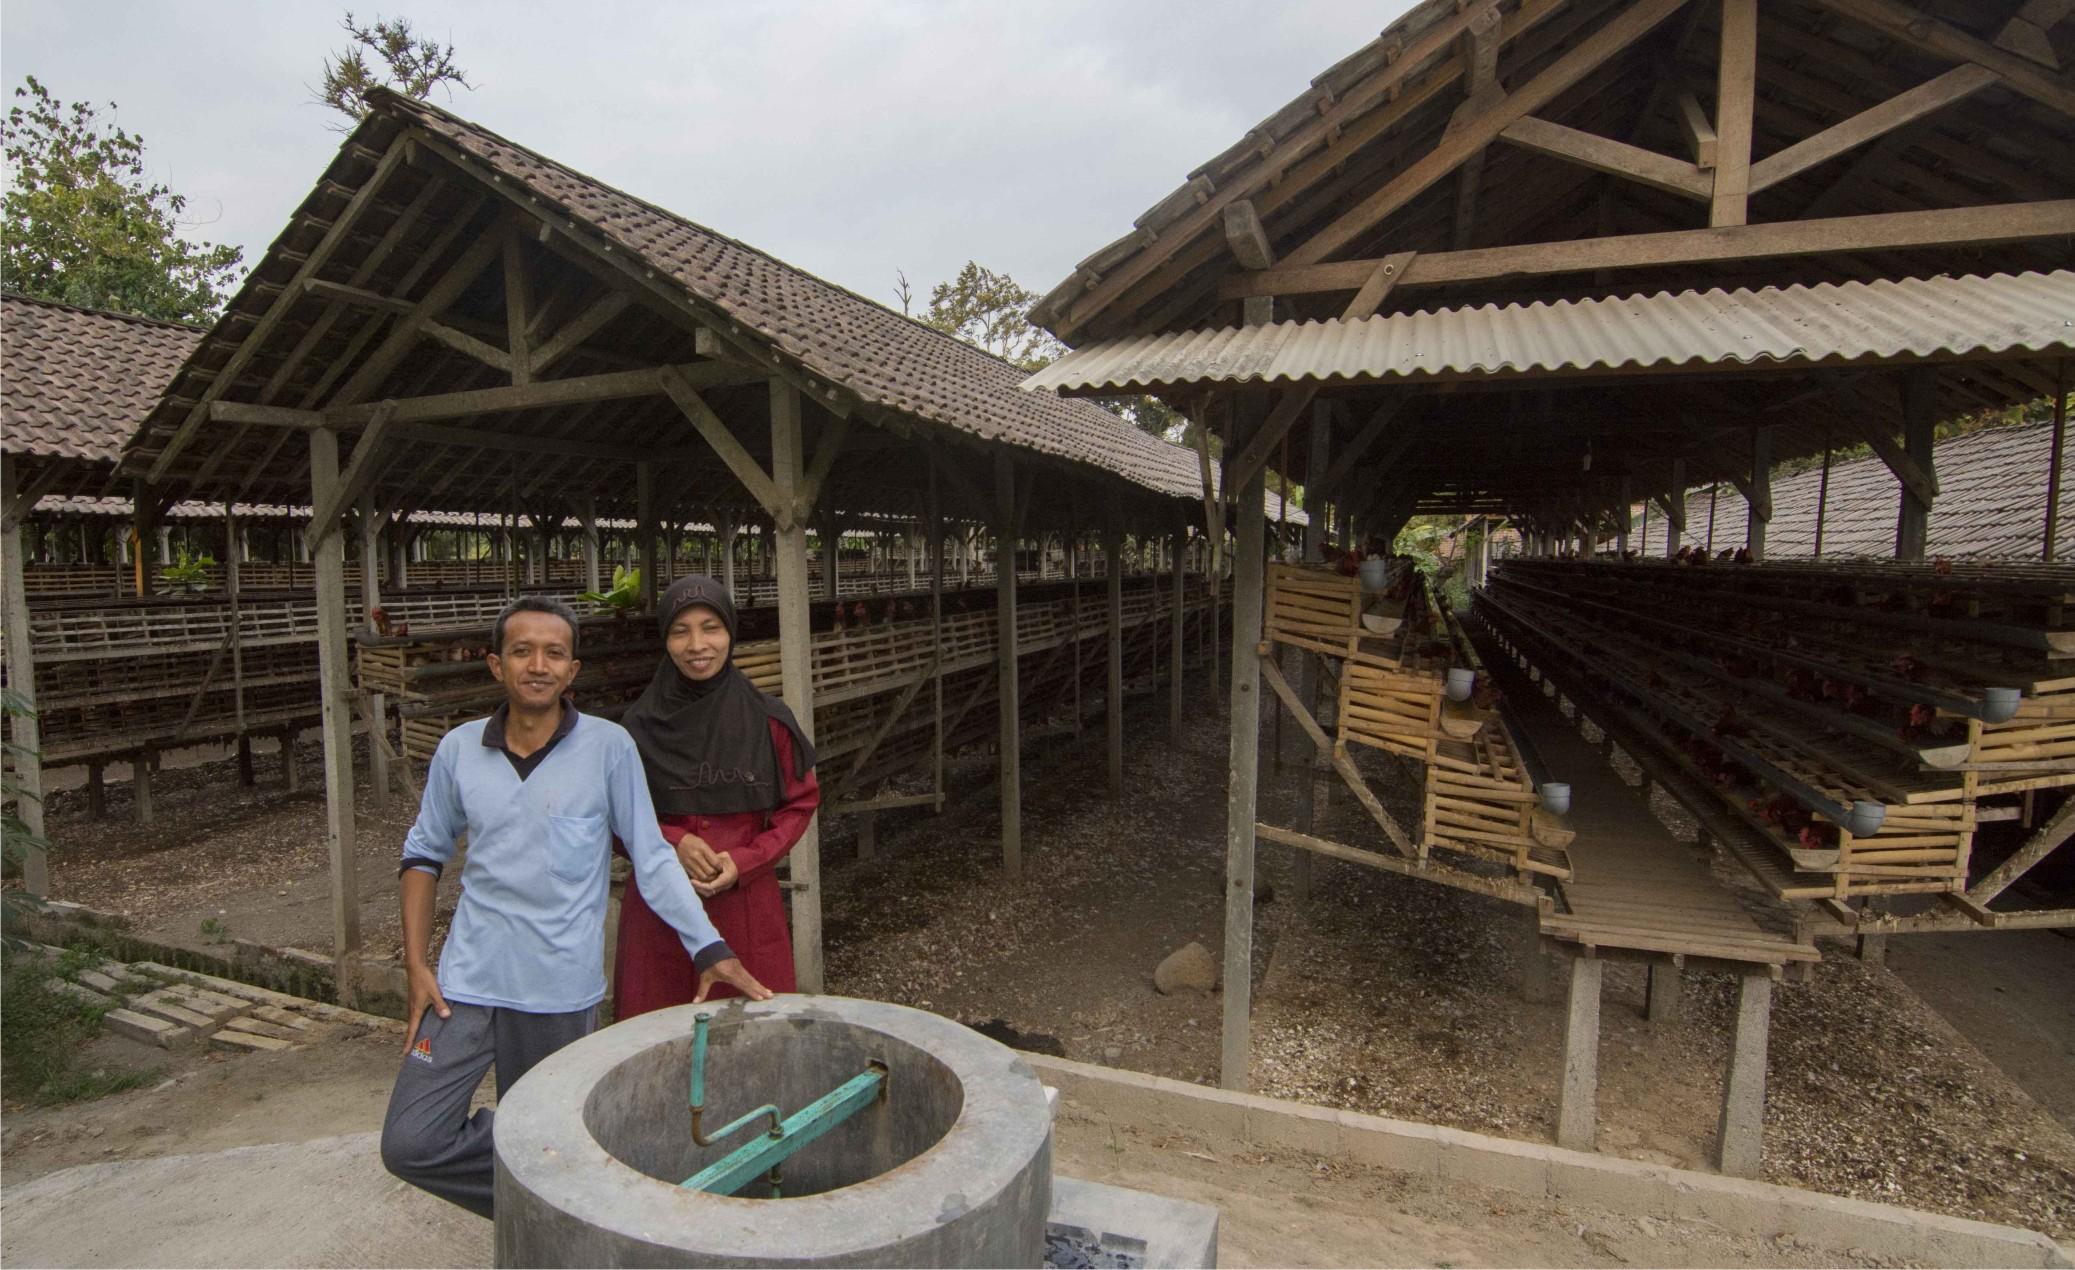 Atasi Kotoran Ayam? Biogas Solusinya!